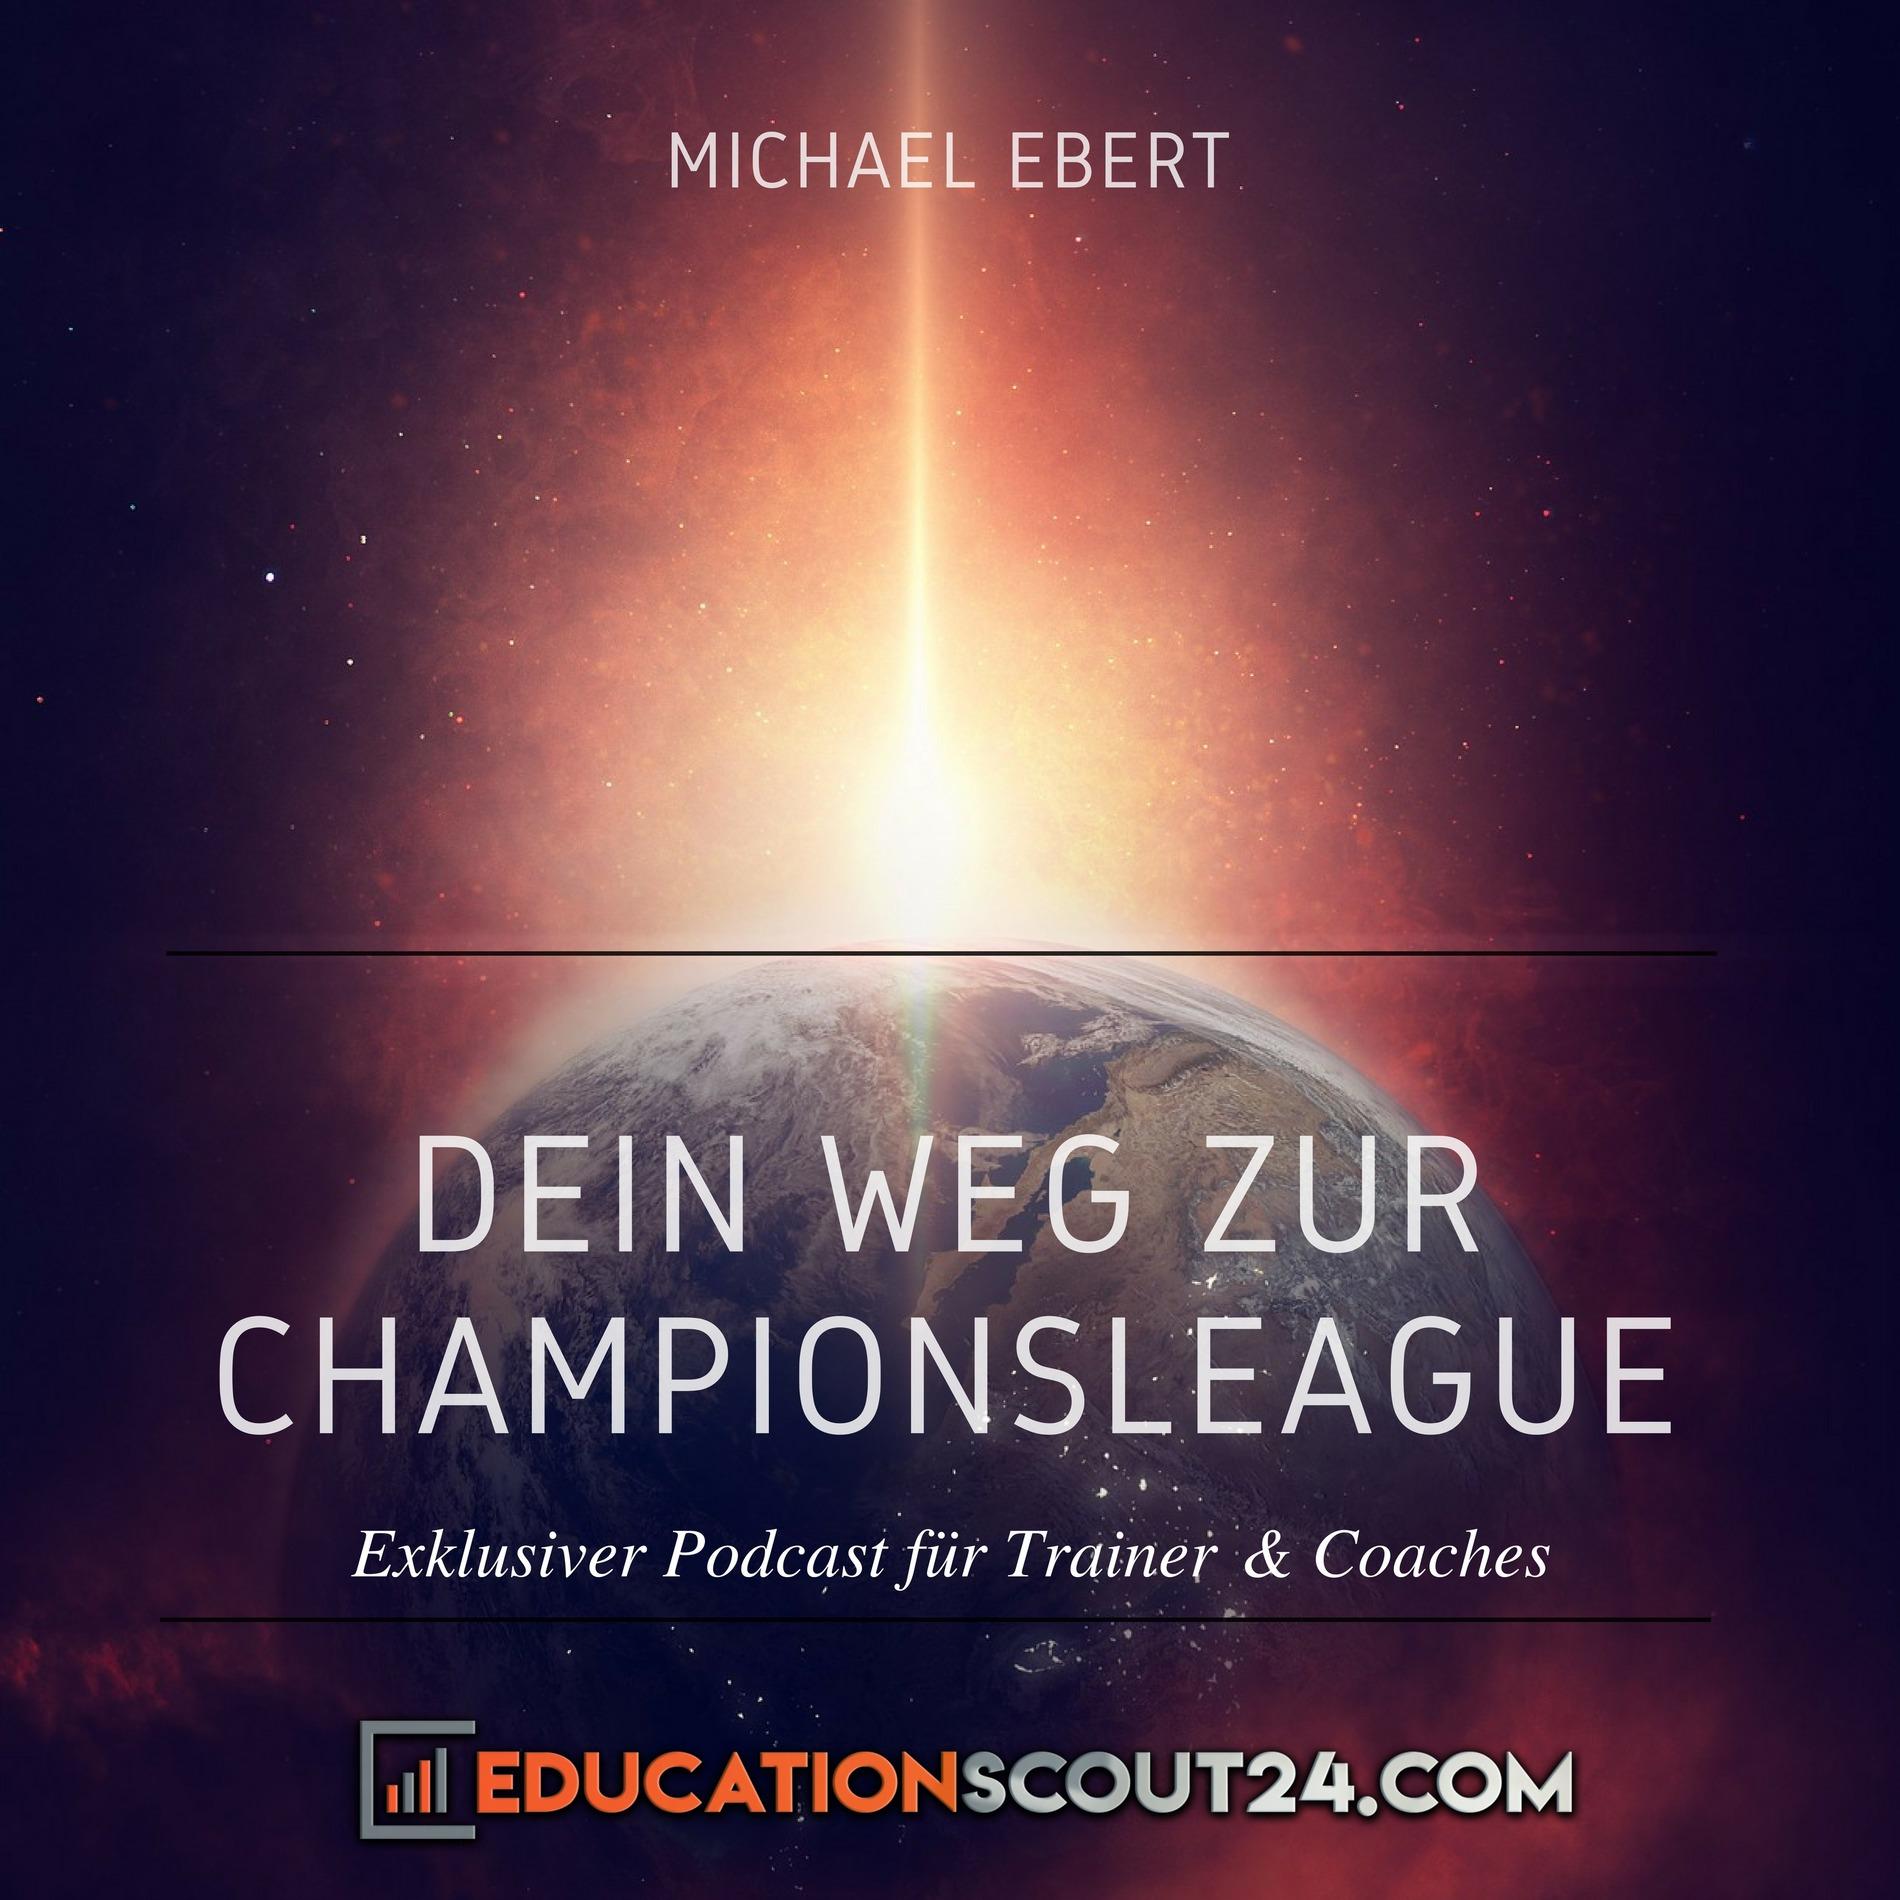 Dein Weg zur Championsleague: Exklusiver Podcast für Trainer & Coaches |Selbstvertrauen | Vertrauen |Glaubwürdigkeit |Karriere |Führung |Marketing |Management & Vertrieb |